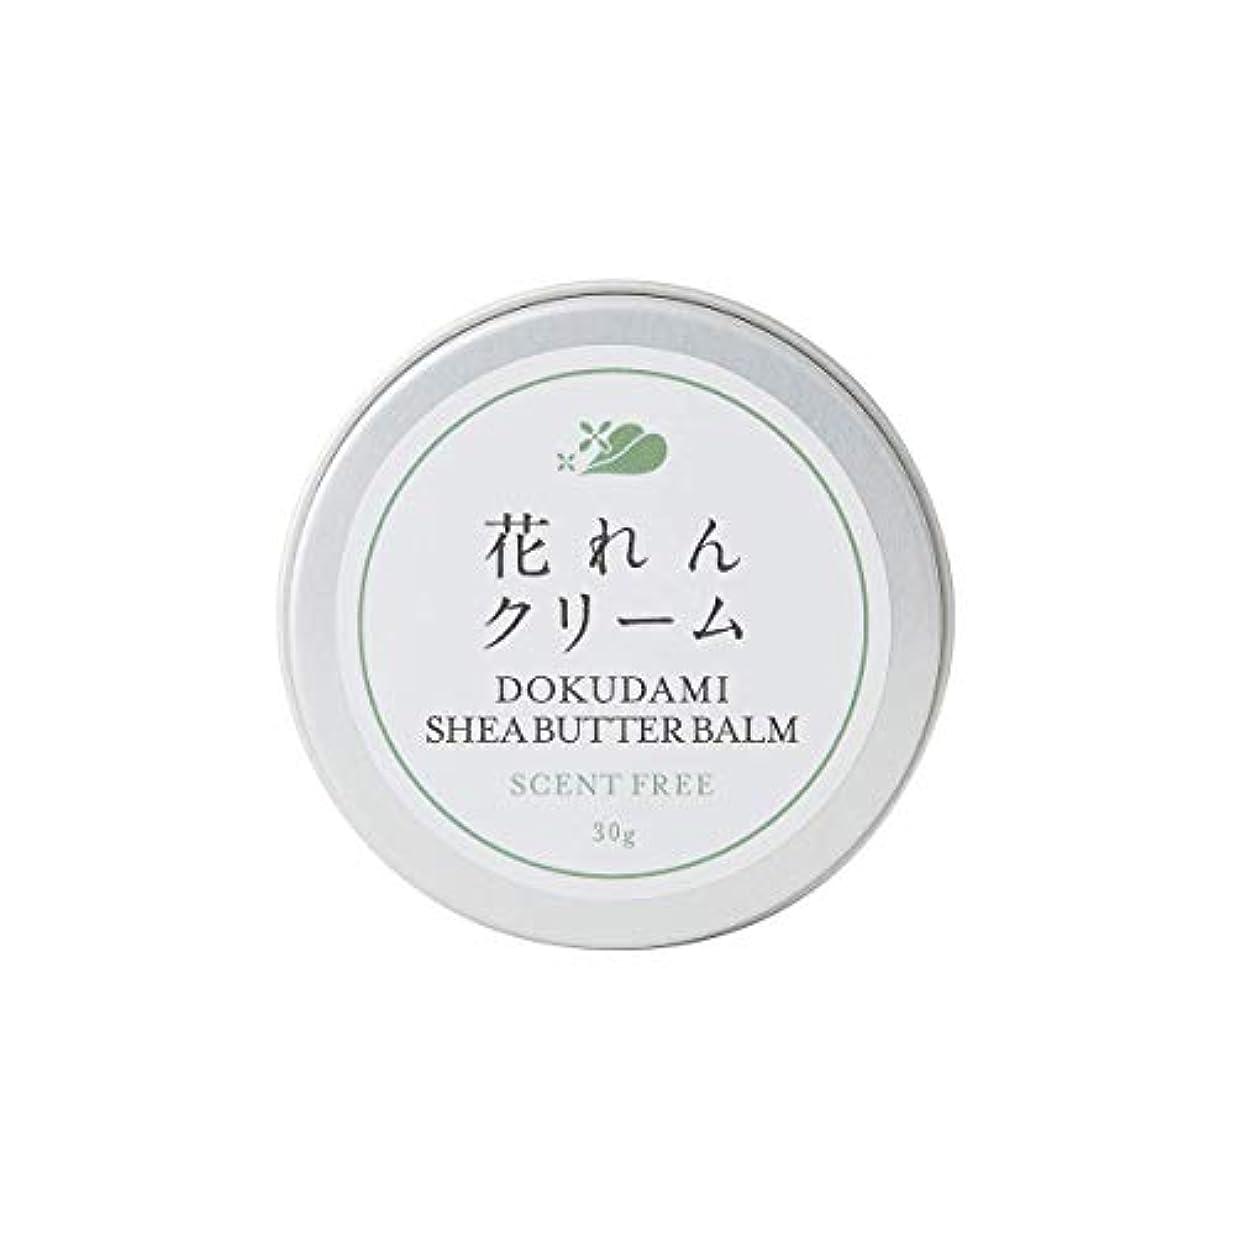 主張する理容師接触どくだみシアバタークリーム(ハードタイプ?無香料) 30g